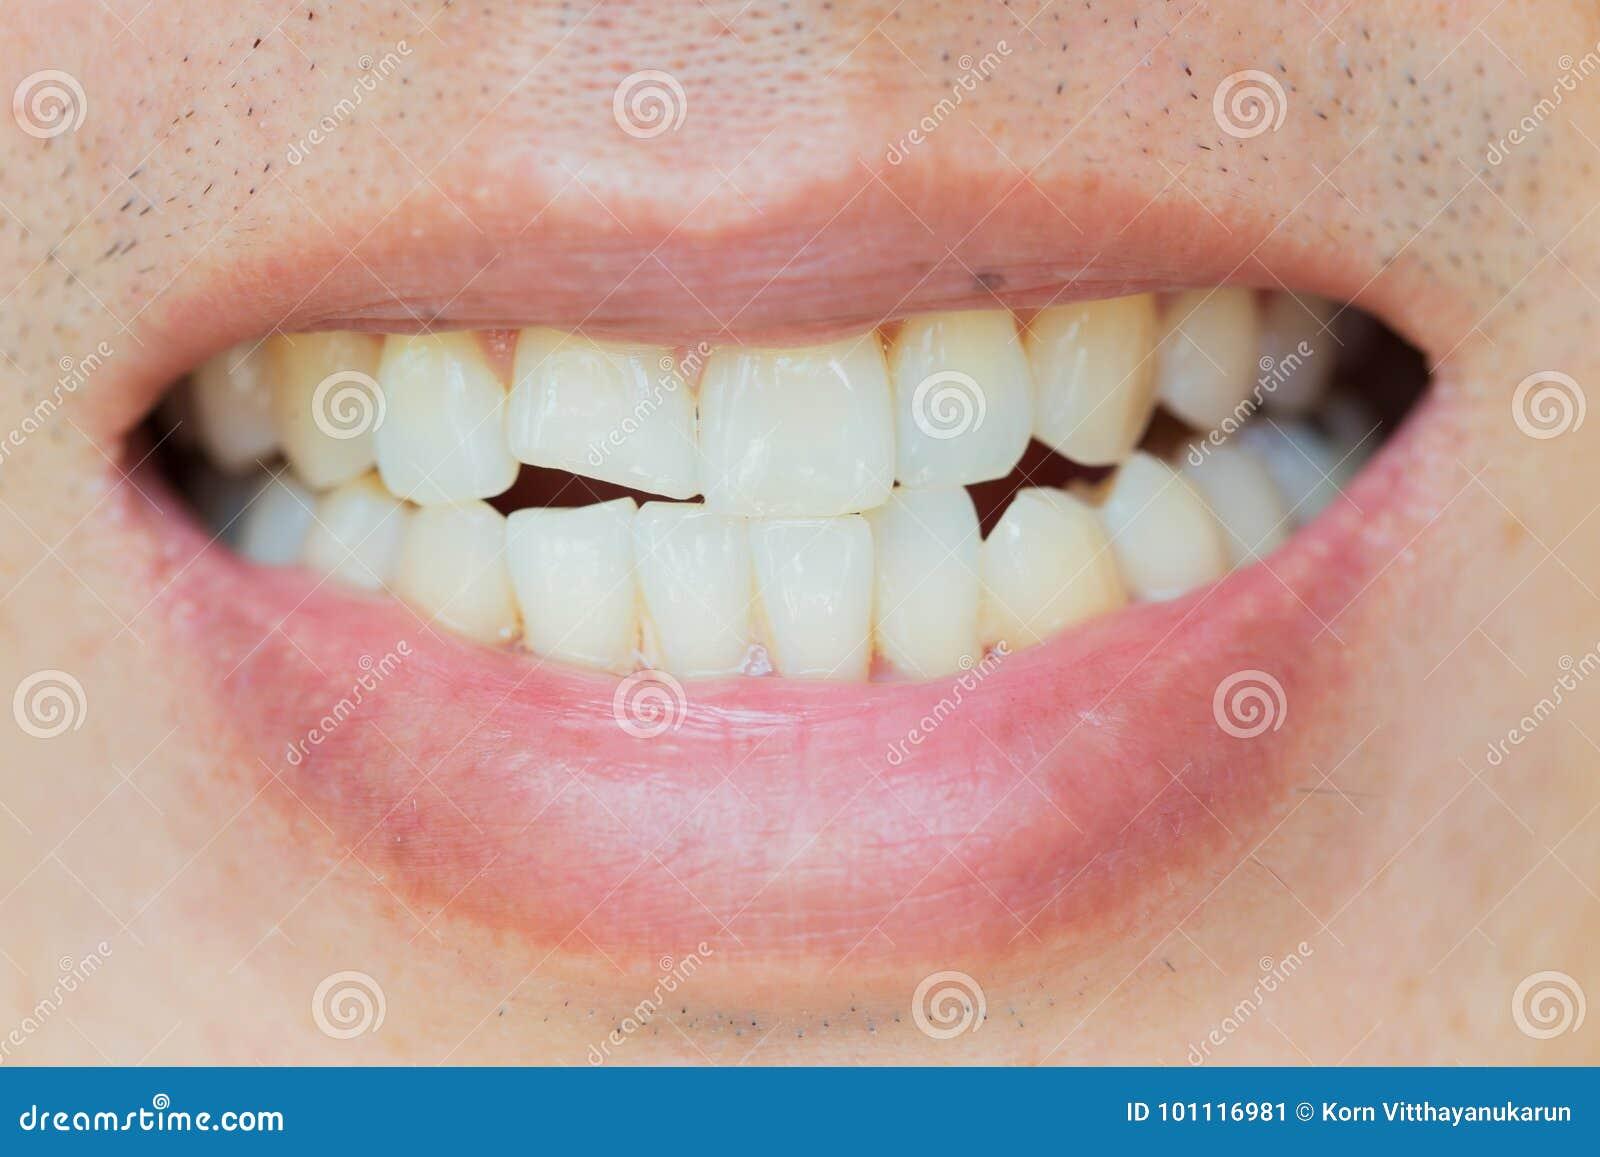 Zębów urazy lub zęby Łama w samiec Uraz i nerw szkoda zdradzony ząb